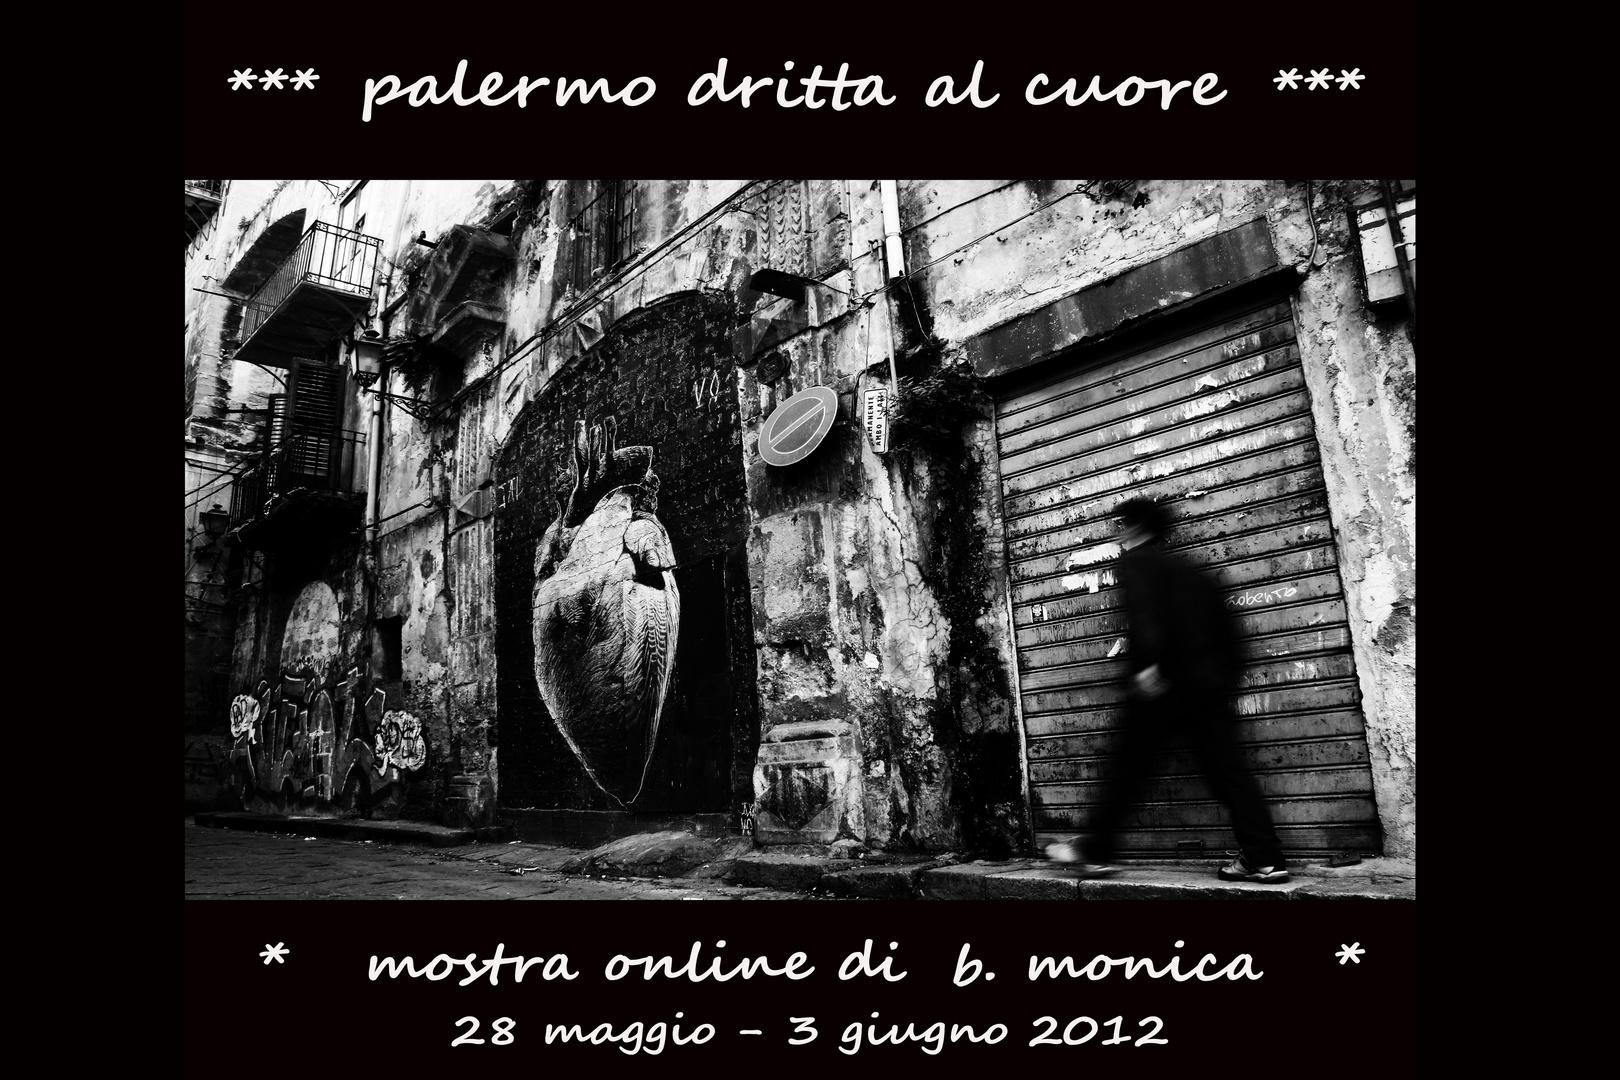 """Mostra online di B. Monica """"Palermo dritta al cuore"""""""